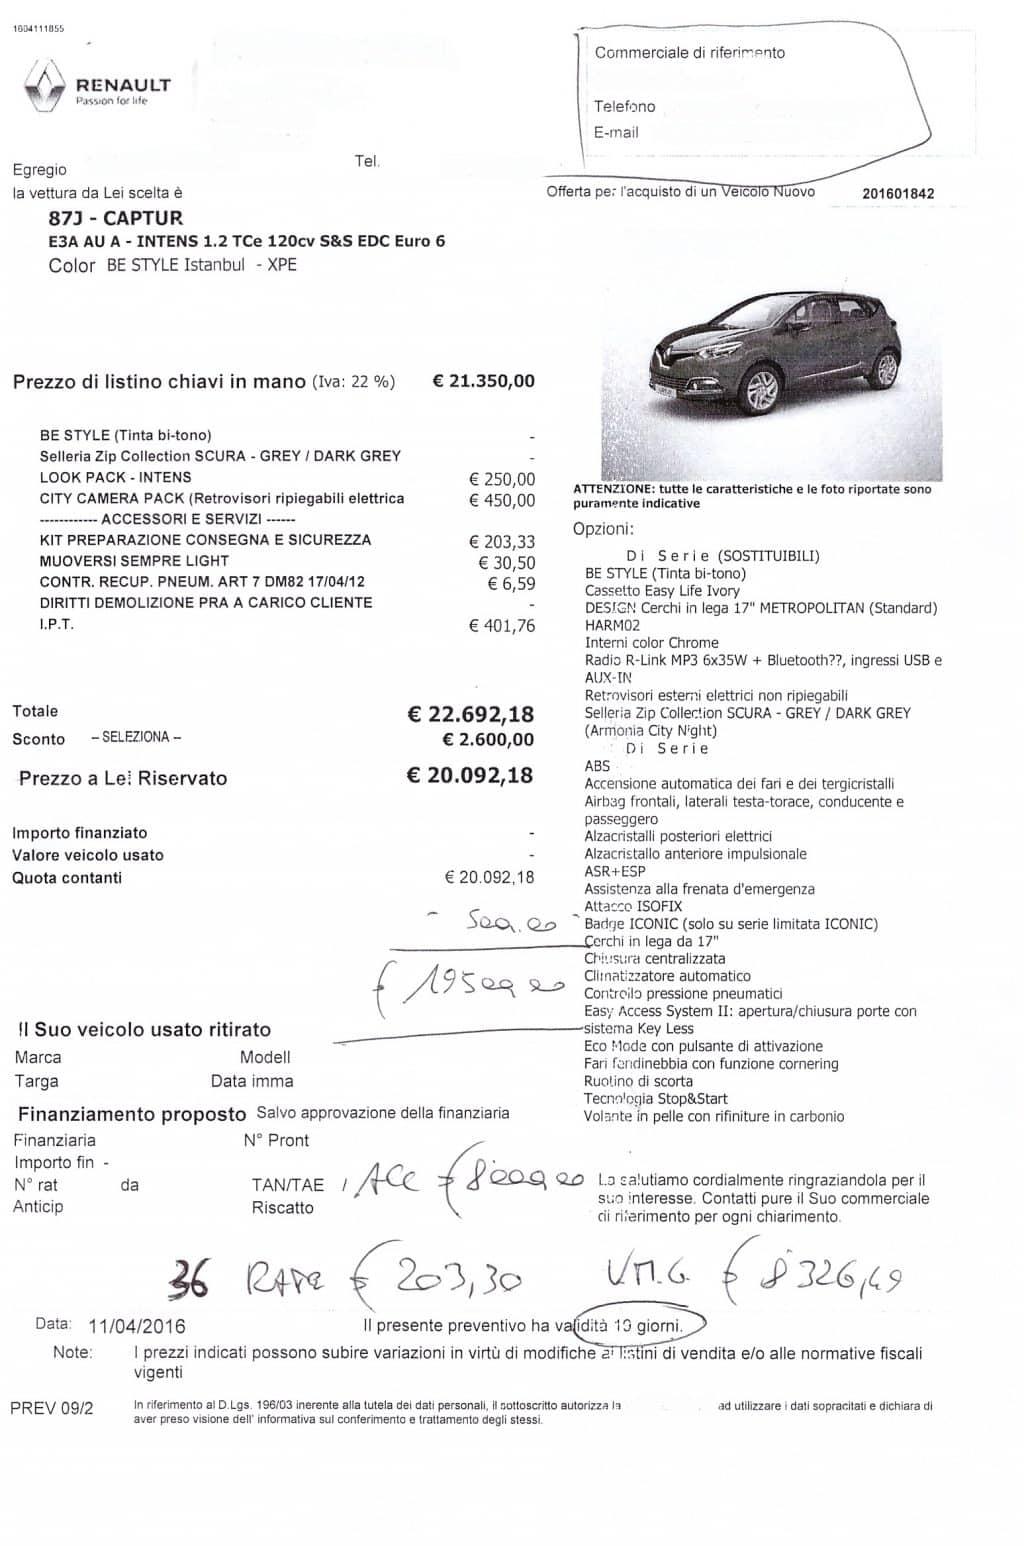 Il segreto che le concessionarie d 39 auto non vogliono farti for Offerte di lavoro a forli da privati